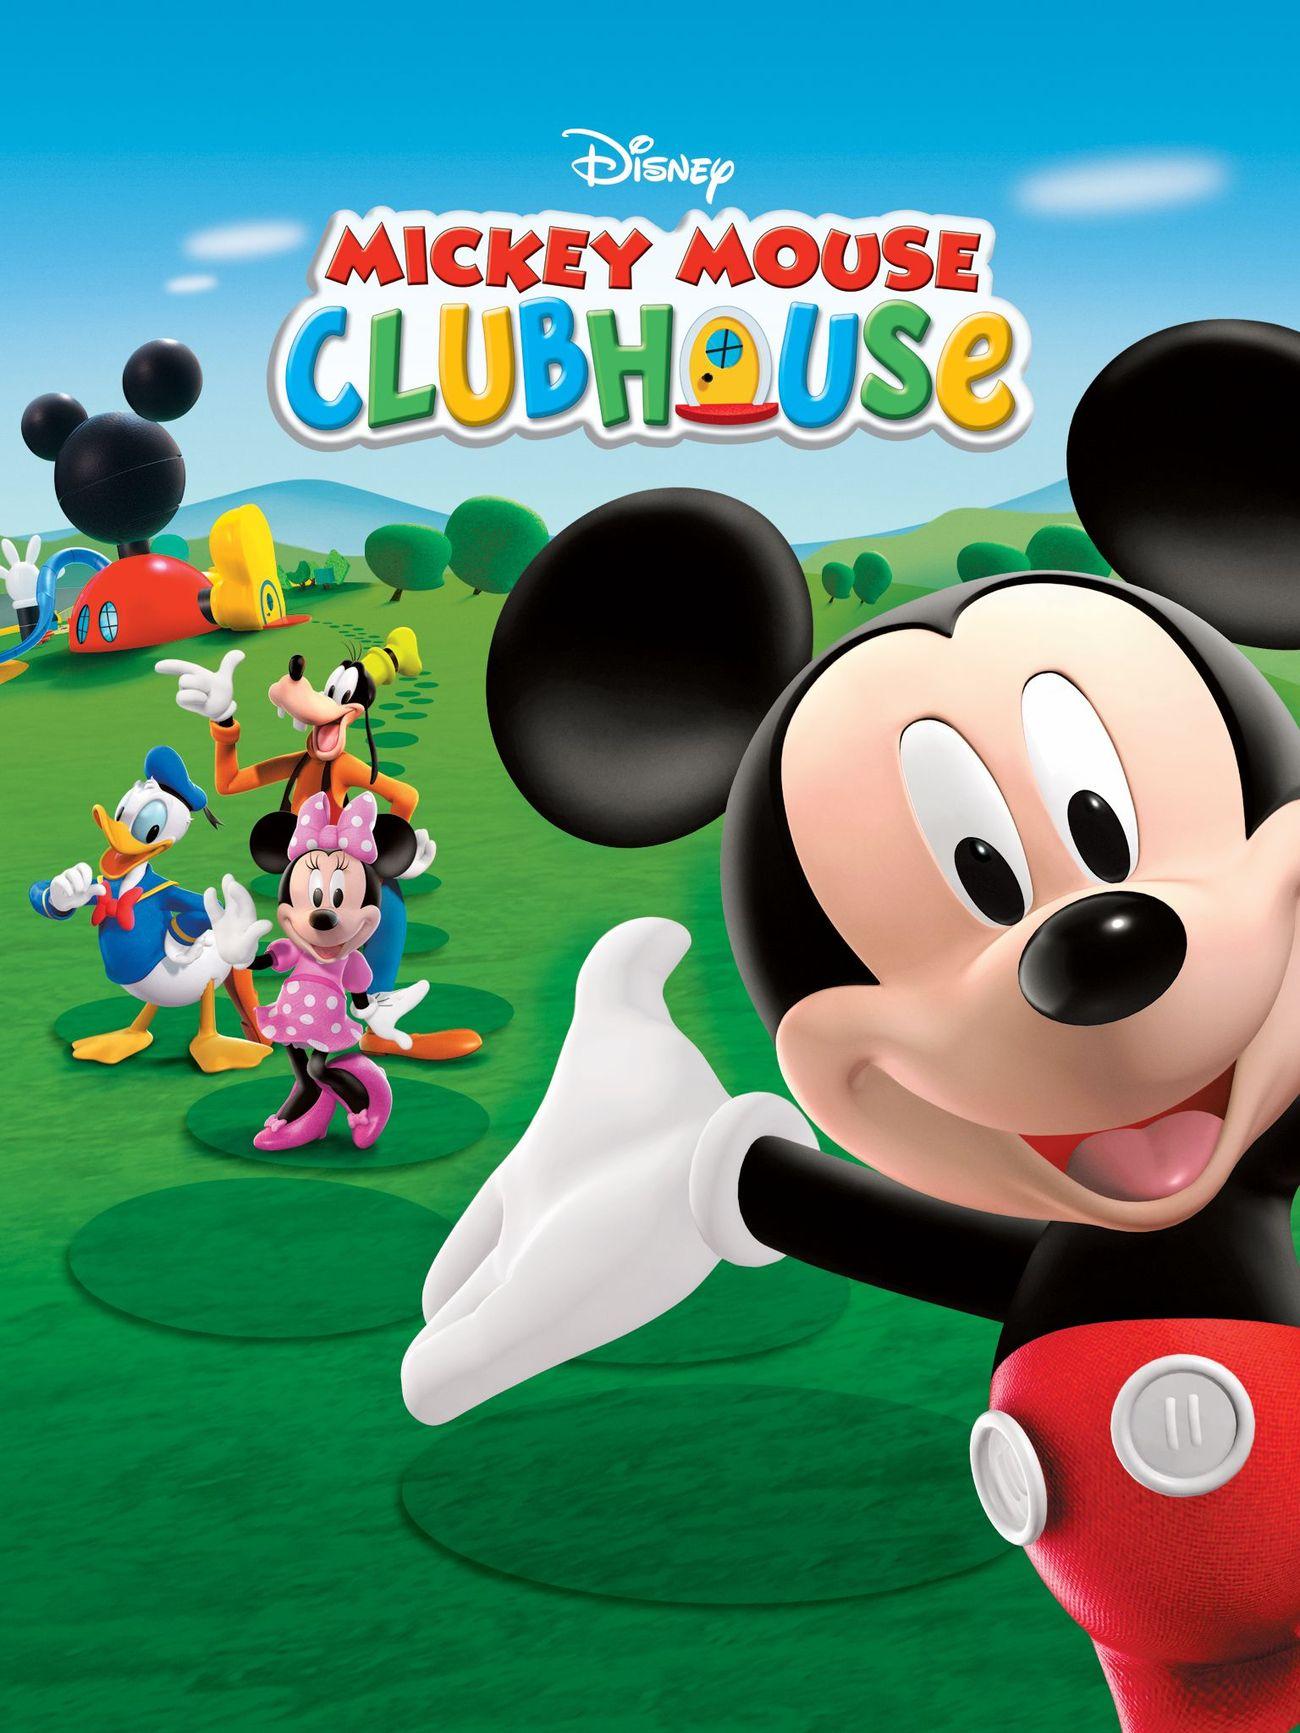 دانلود انیمیشن Mickey Mouse Clubhouse 2006 با دوبله فارسی